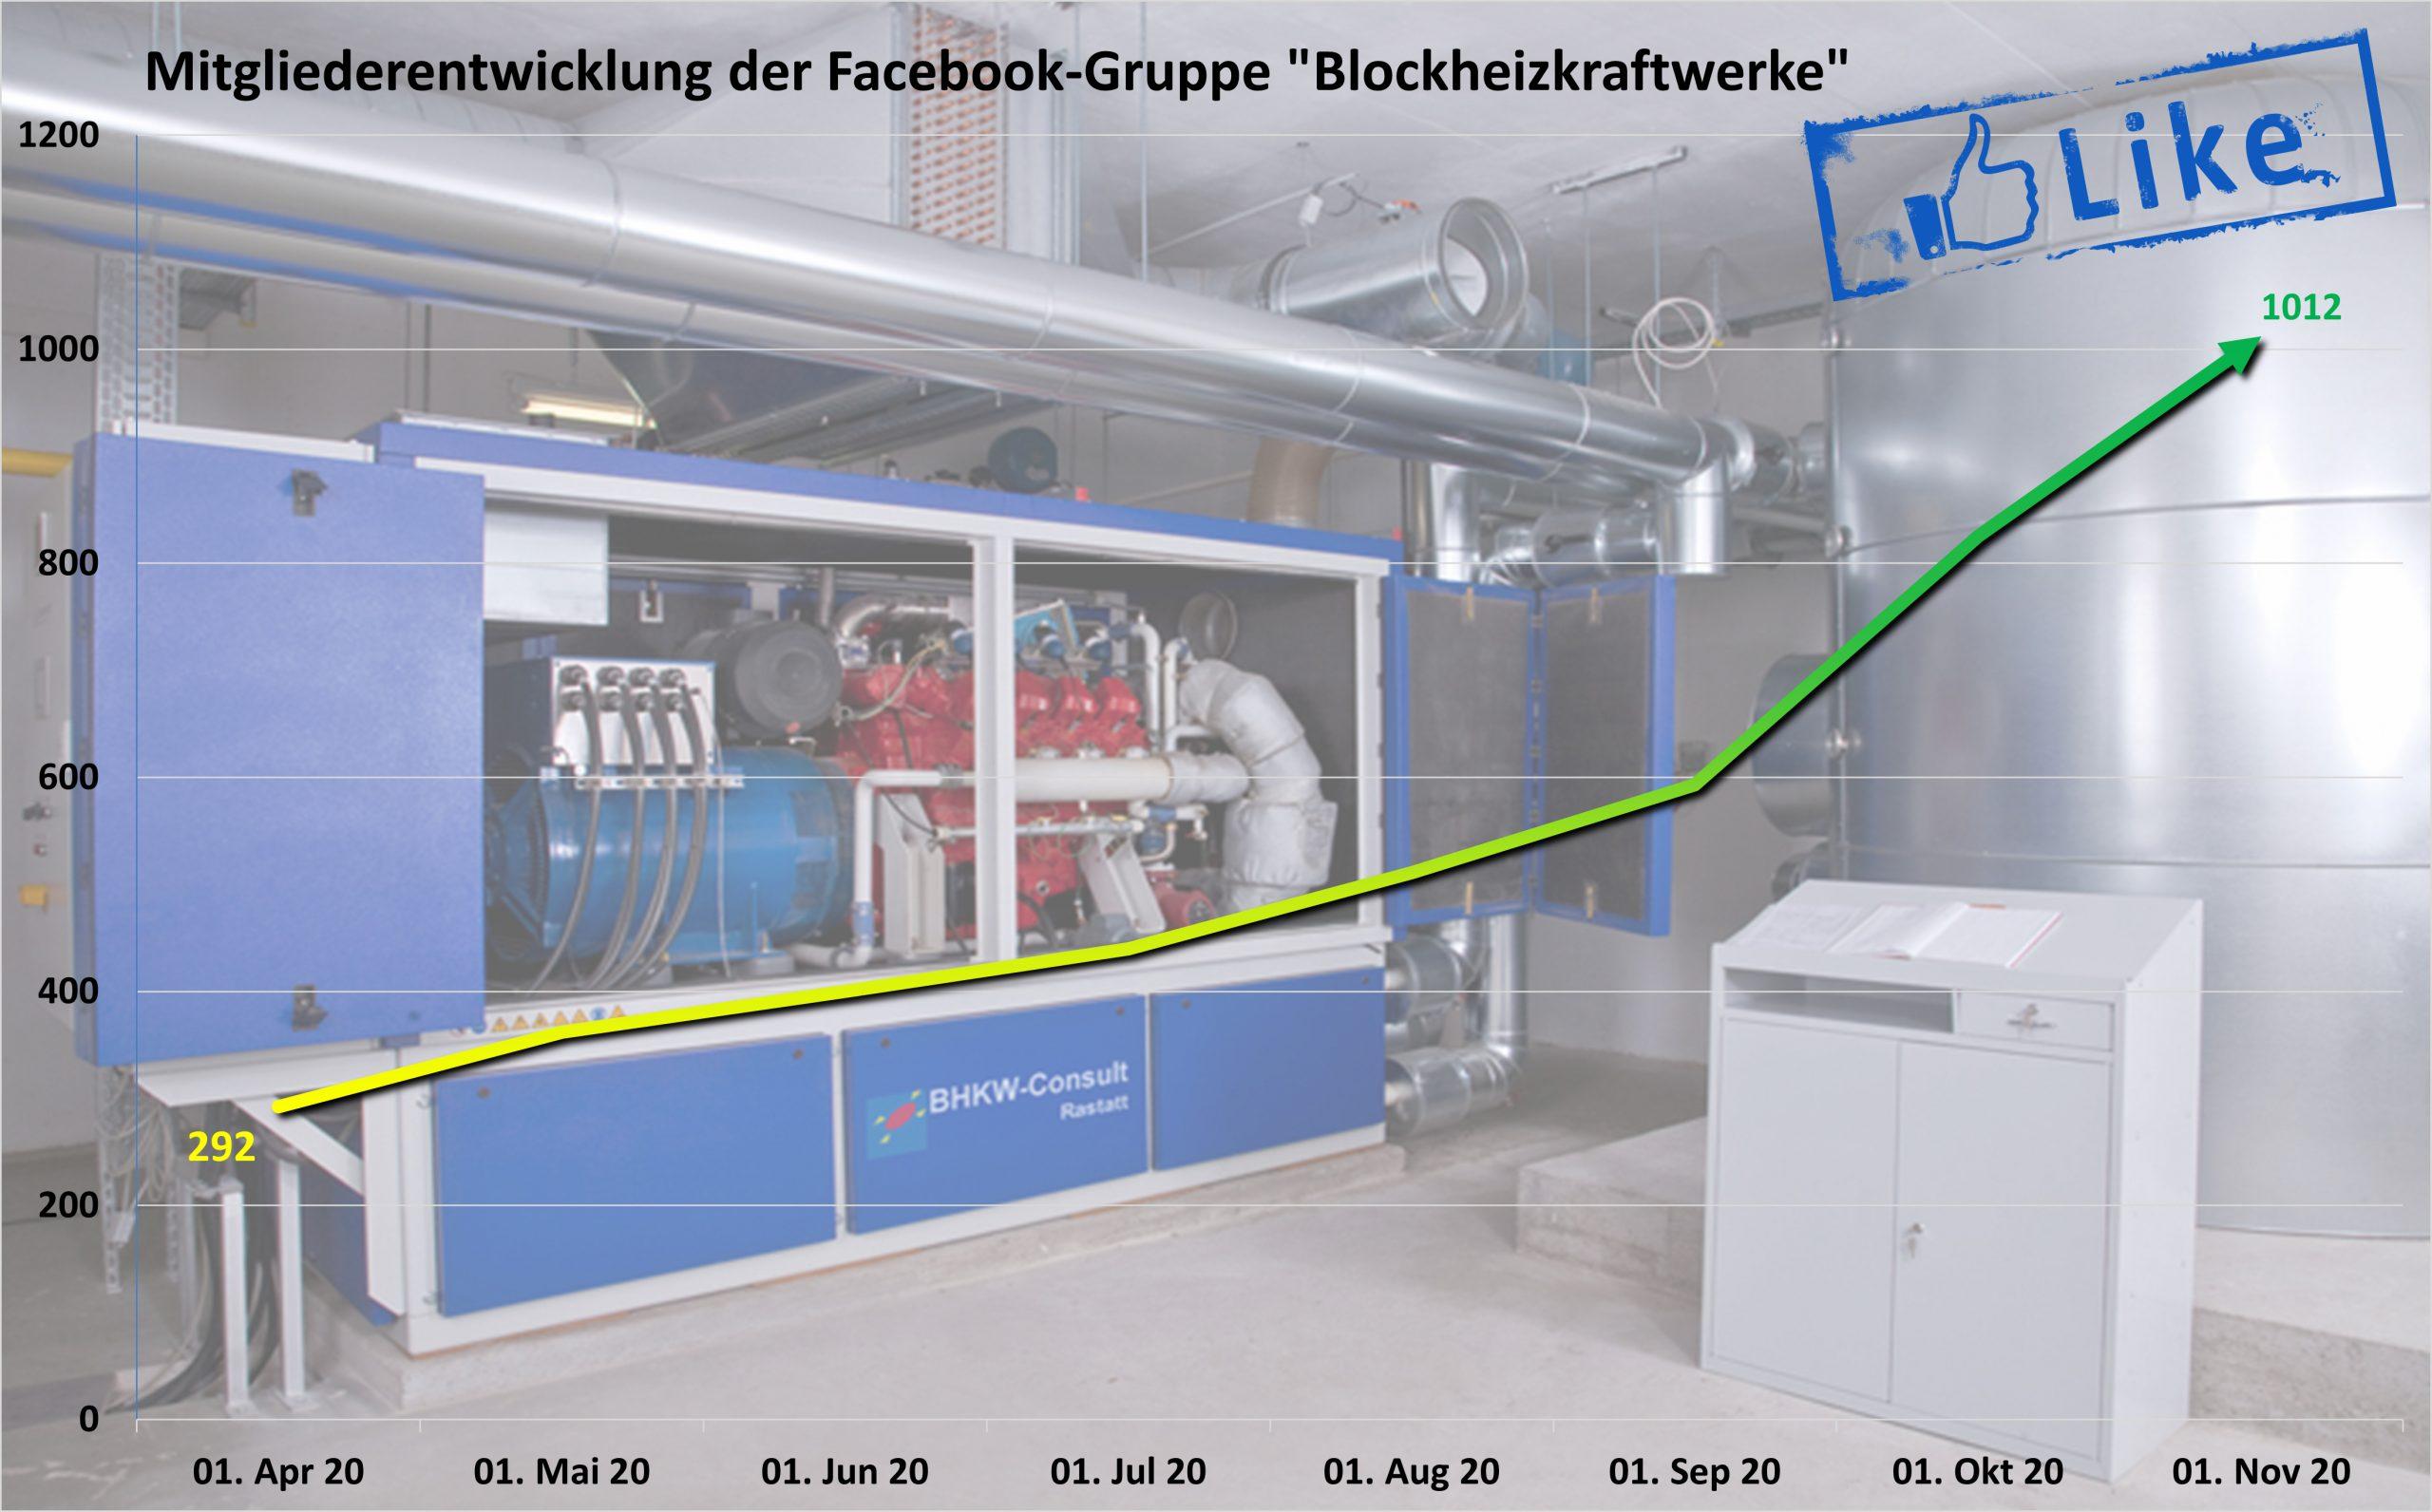 Facebook-Gruppe über Blockheizkraftwerke hat nun mehr als 1.000 Mitglieder